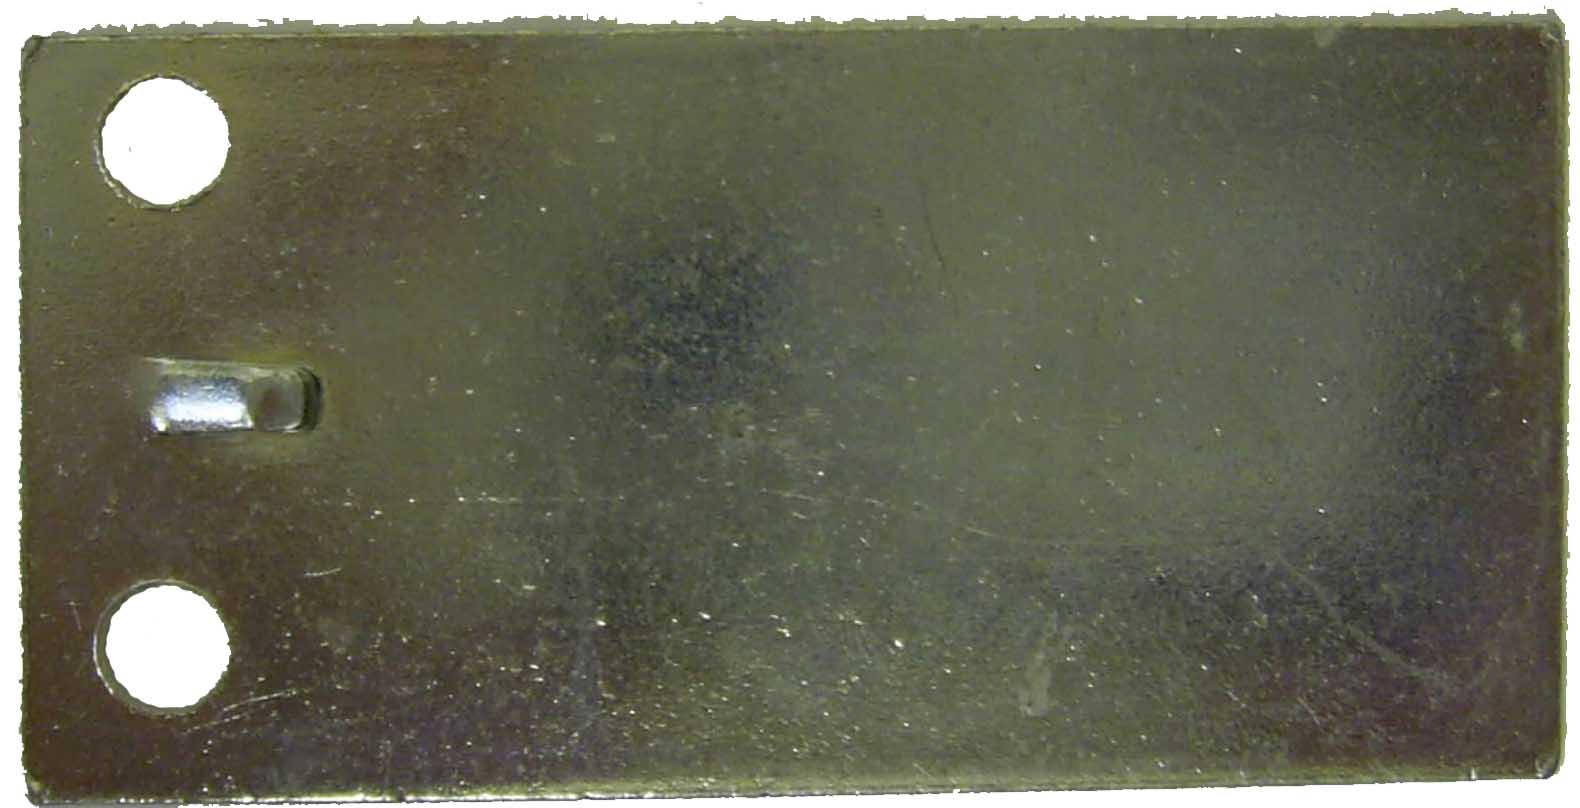 15A-008 (WP -DRY)